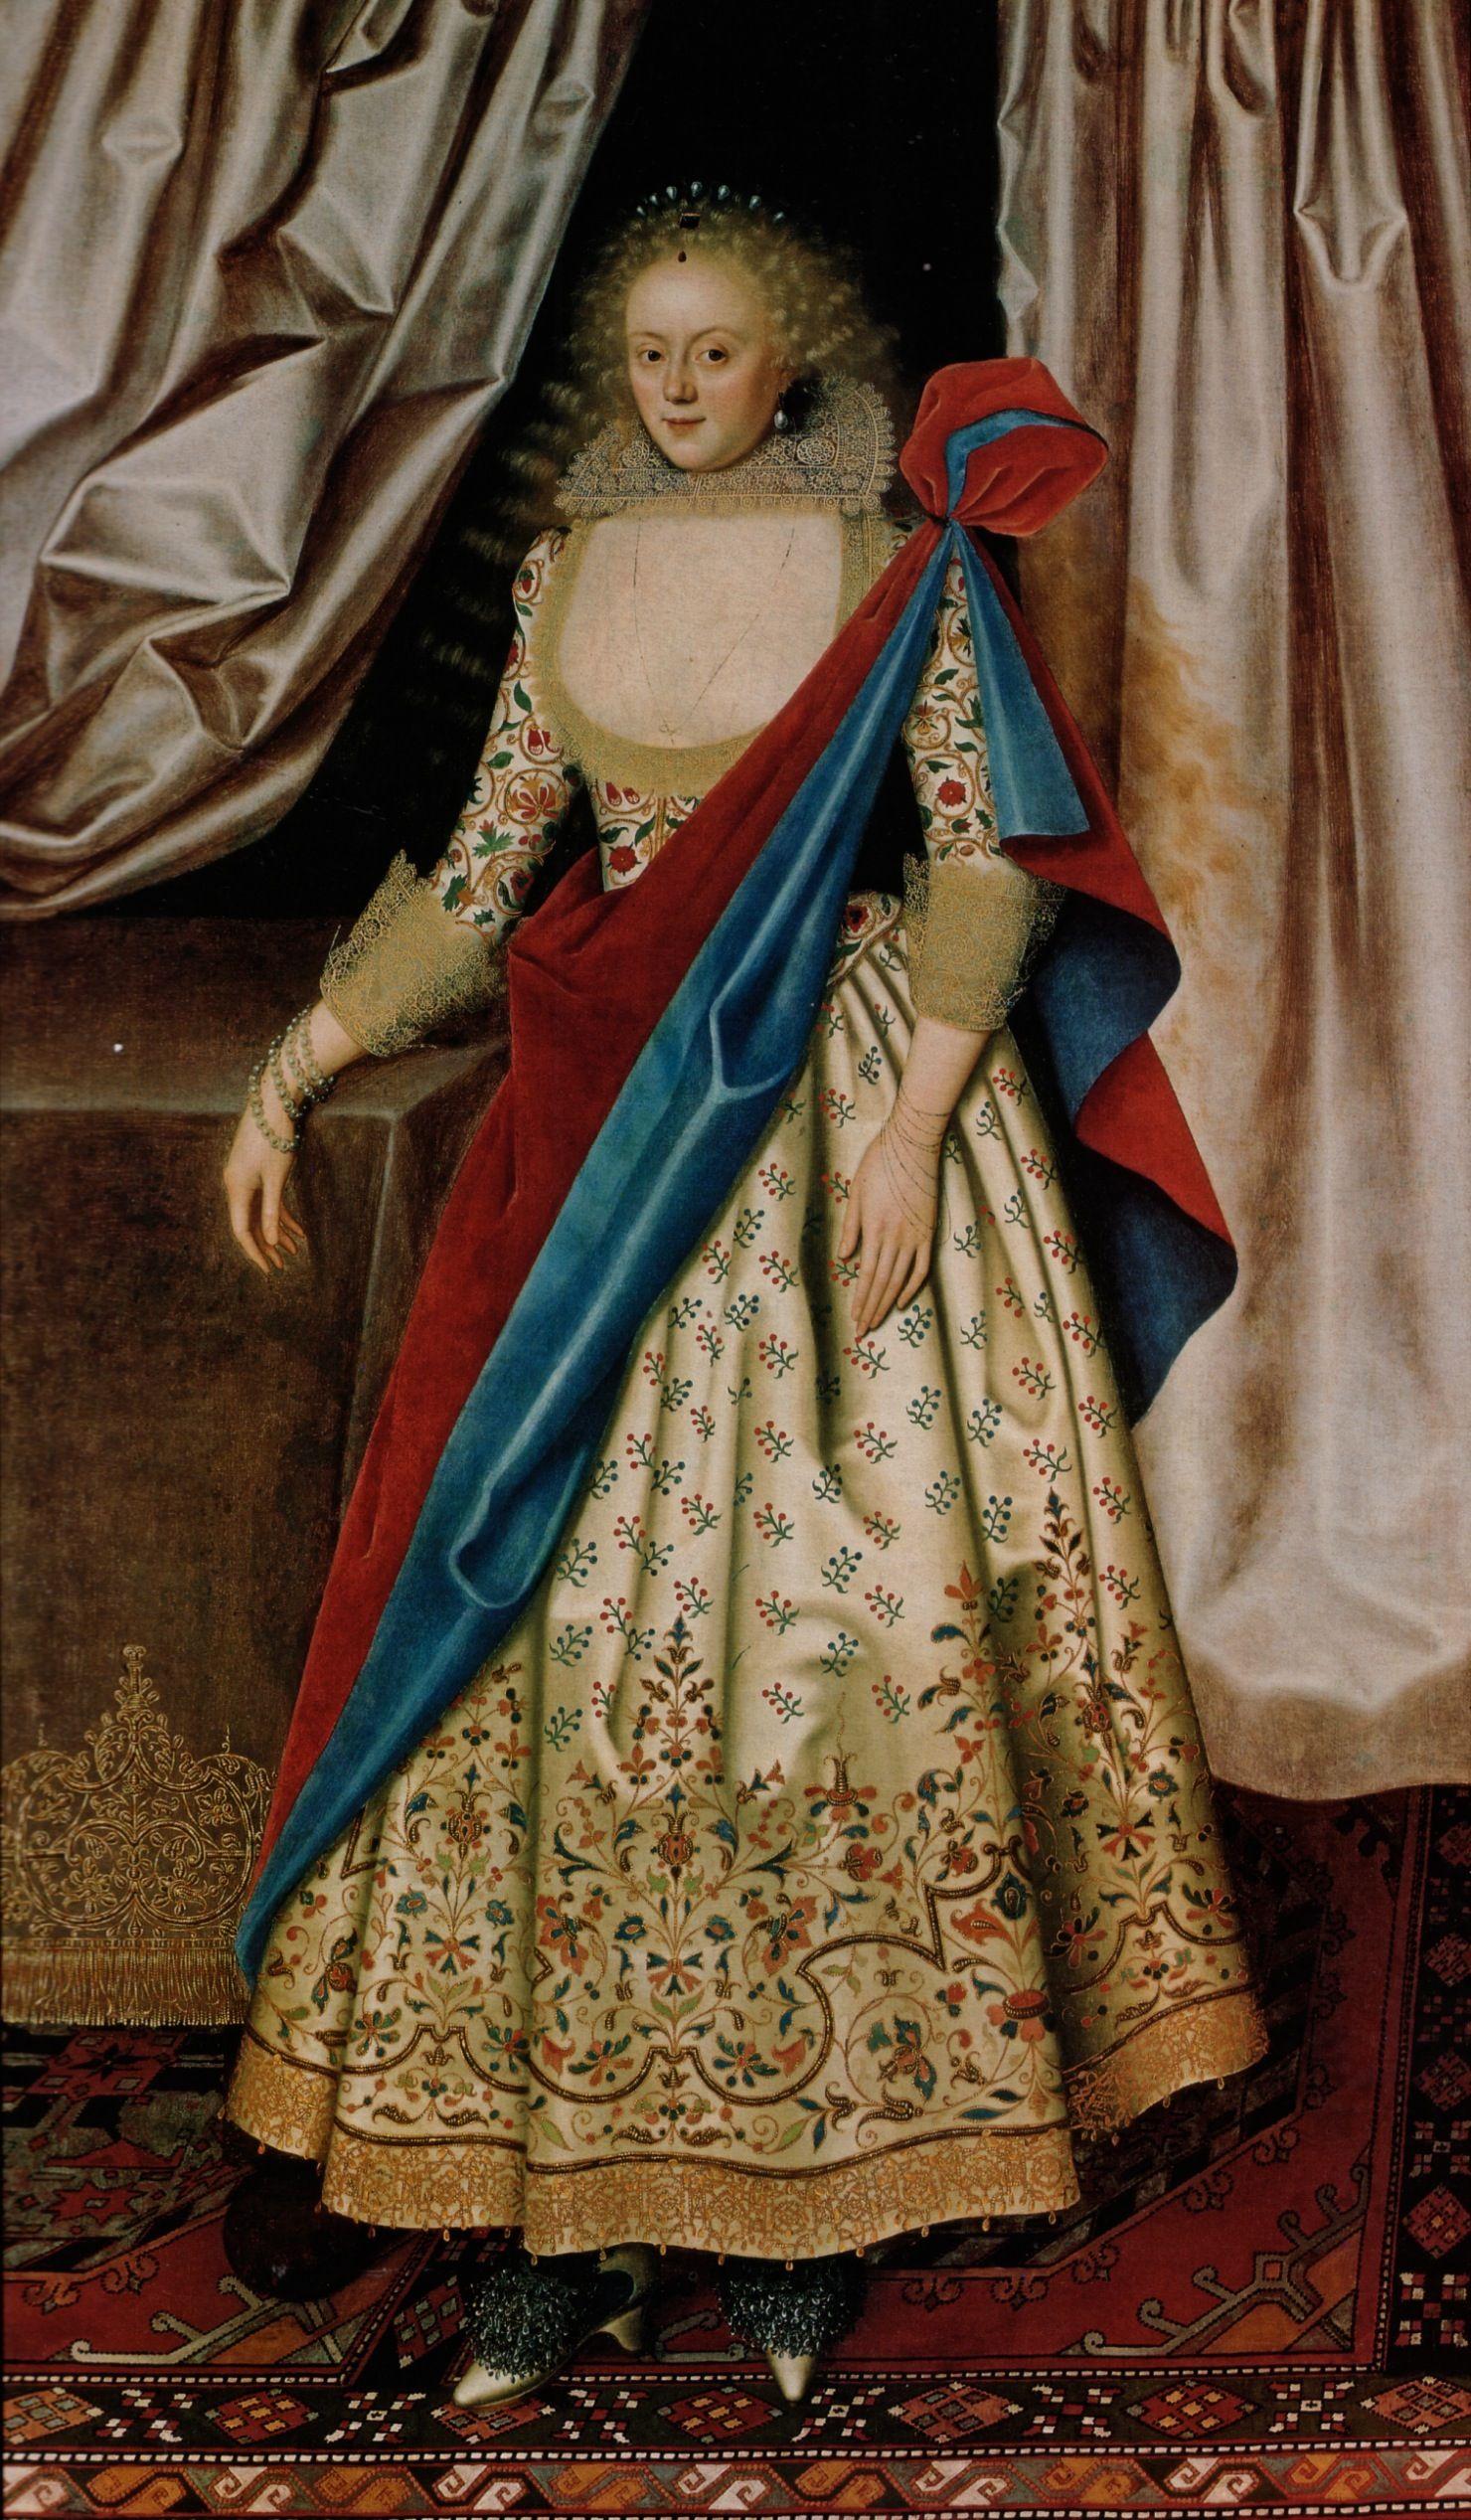 Почему на портретах молодых дам писали голую грудь, или открой соски 55624cfc028ff50ad4bbe8cfc619b910.jpg